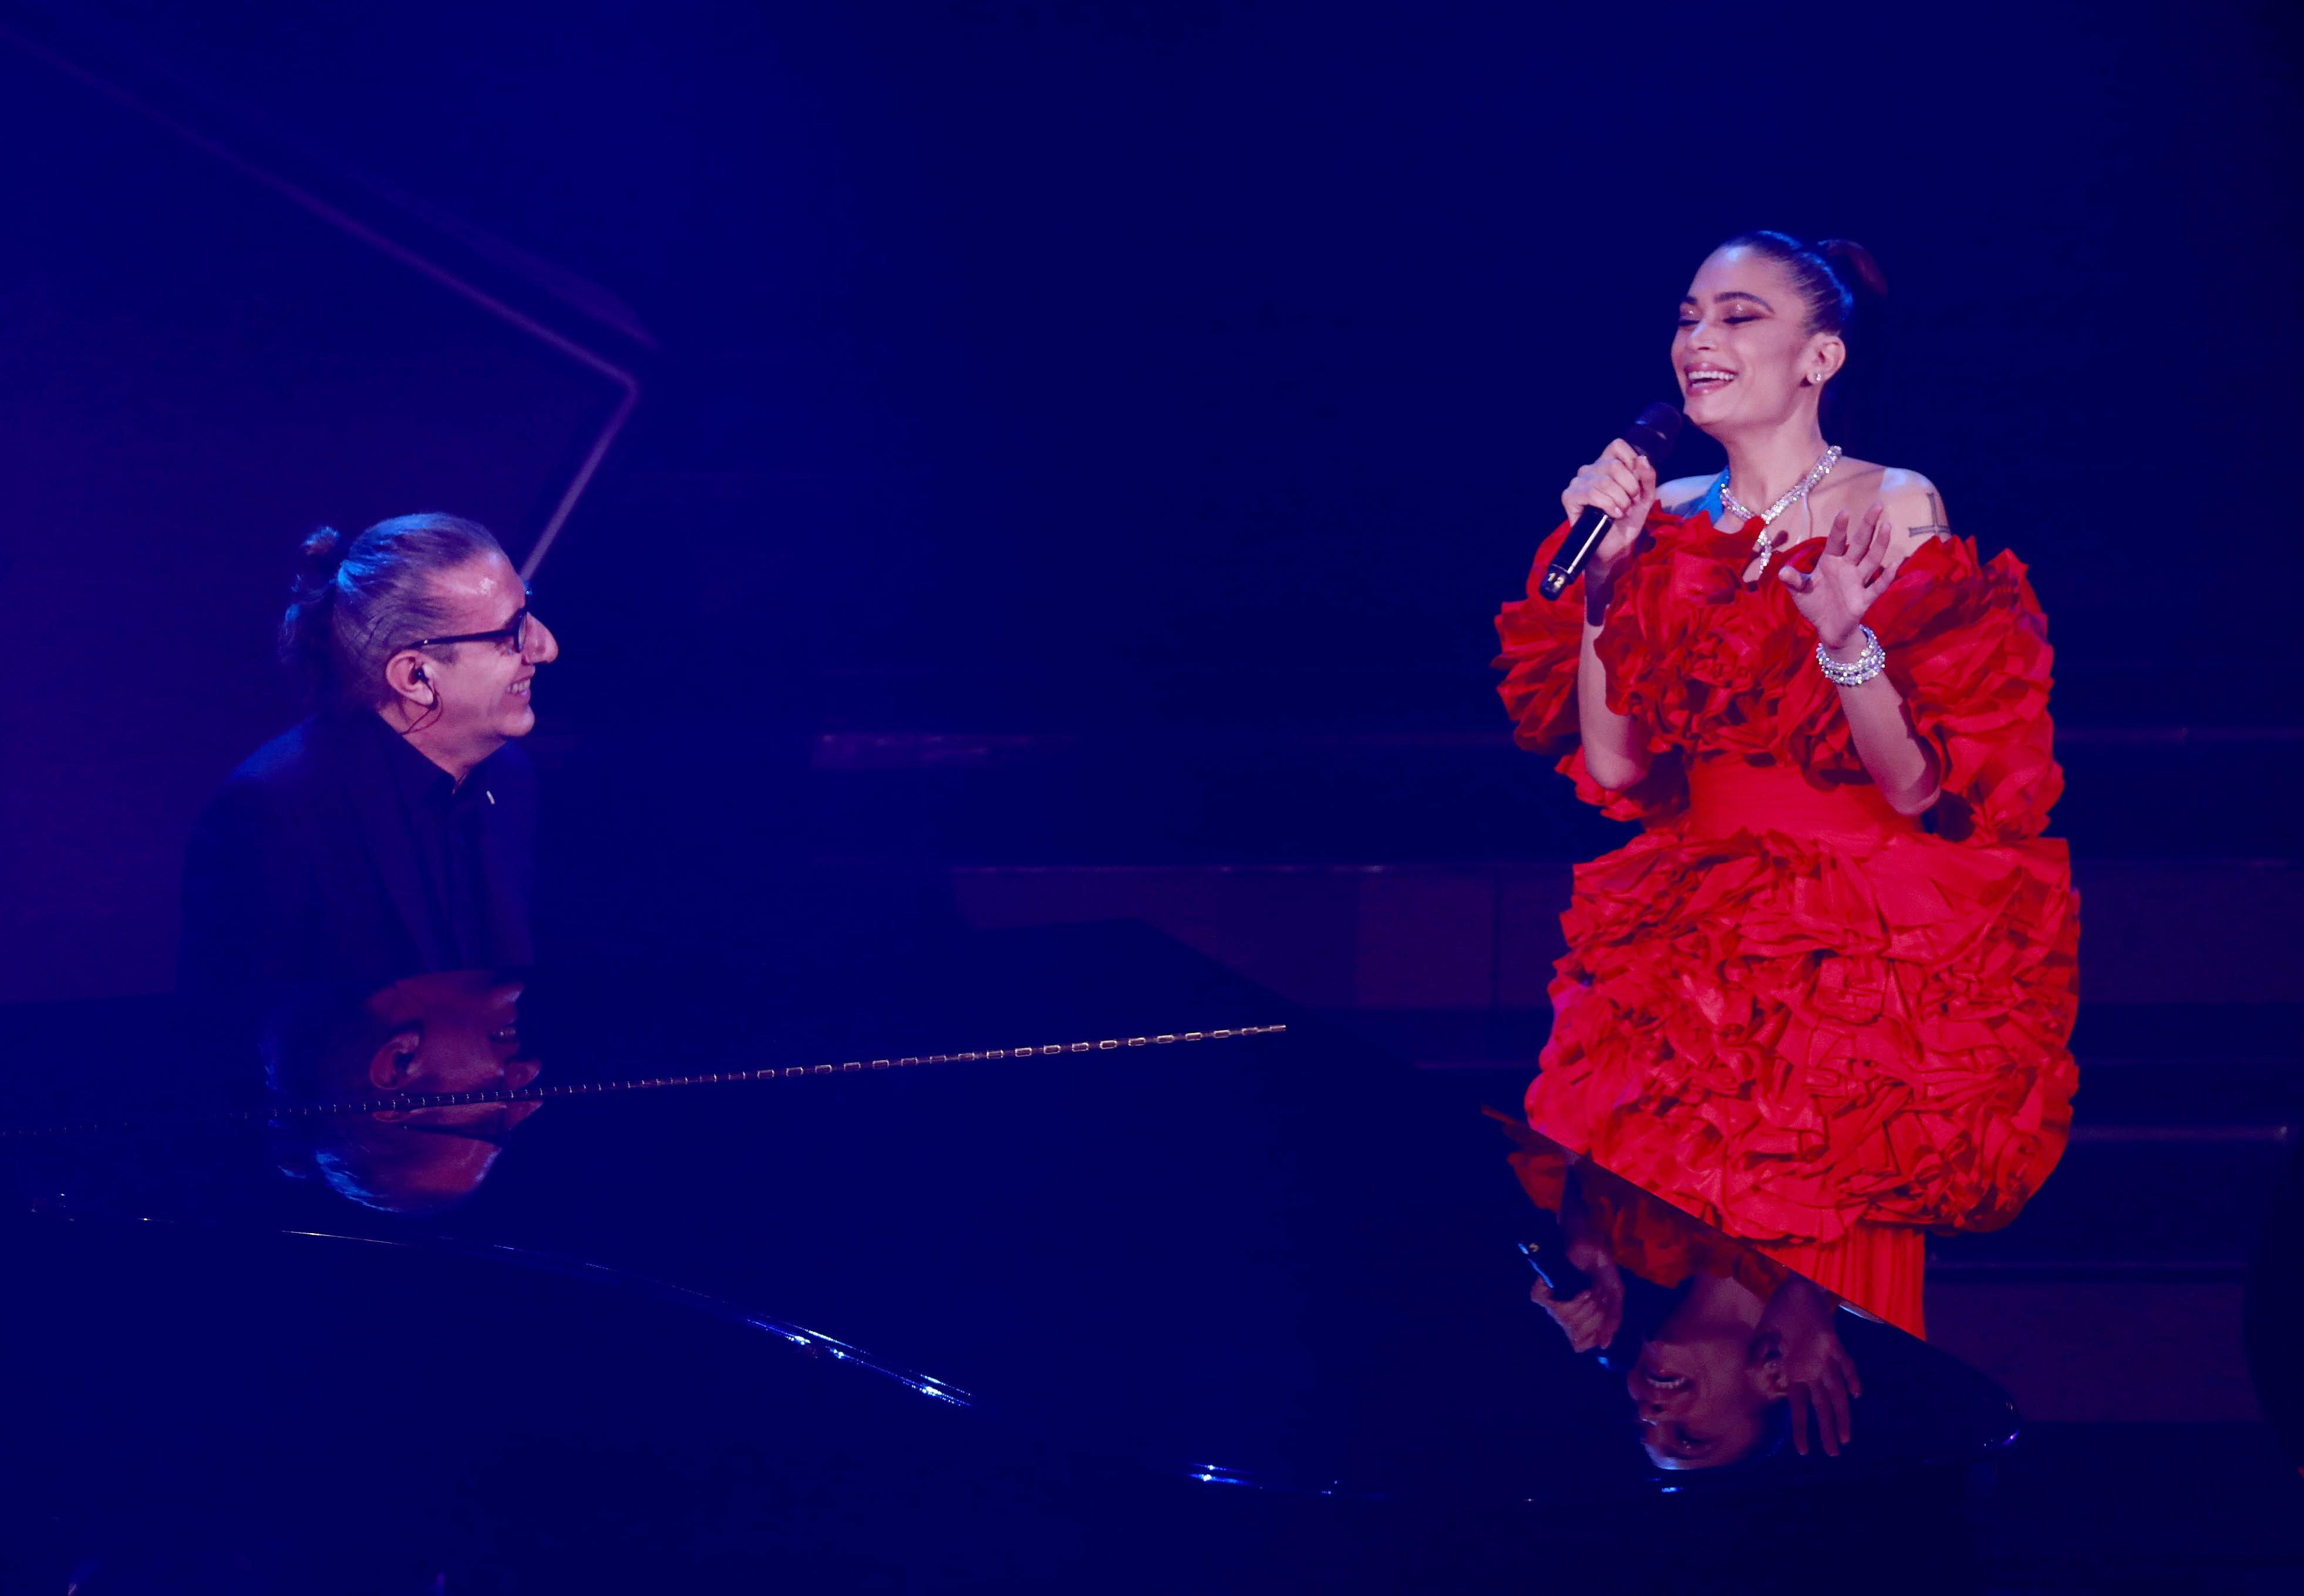 """Sanremo, il monologo di Elodie: """"Non serve sentirsi all'altezza delle cose, l'importante è farle"""""""